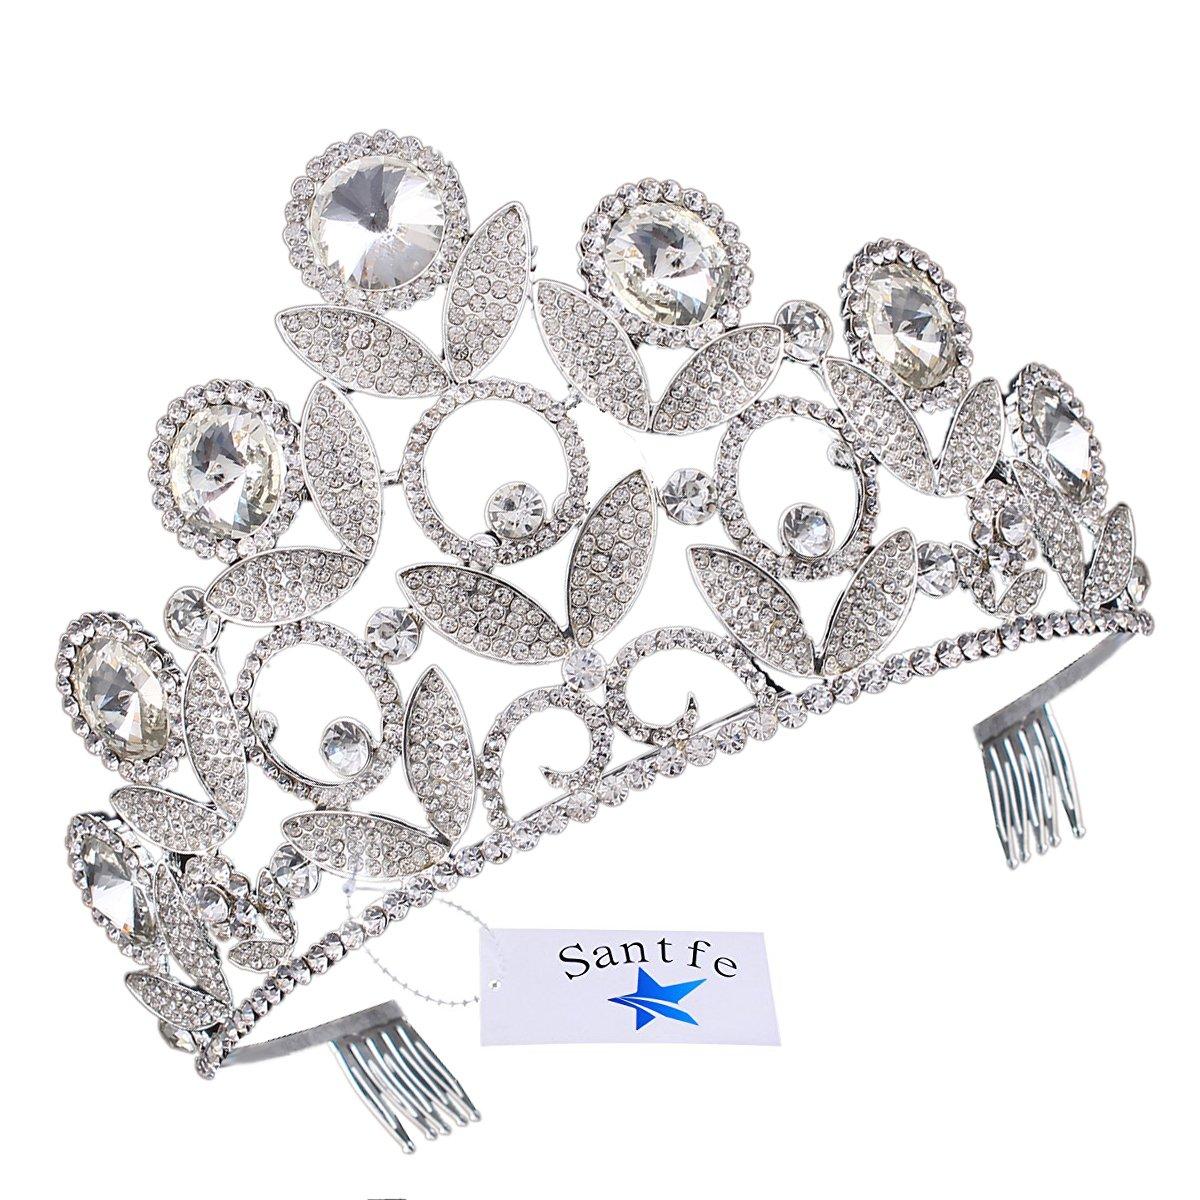 Santfe Tiara con peineta Corona de Cabello Tocado de Novia Diamantes de Imitación Decoración para Boda